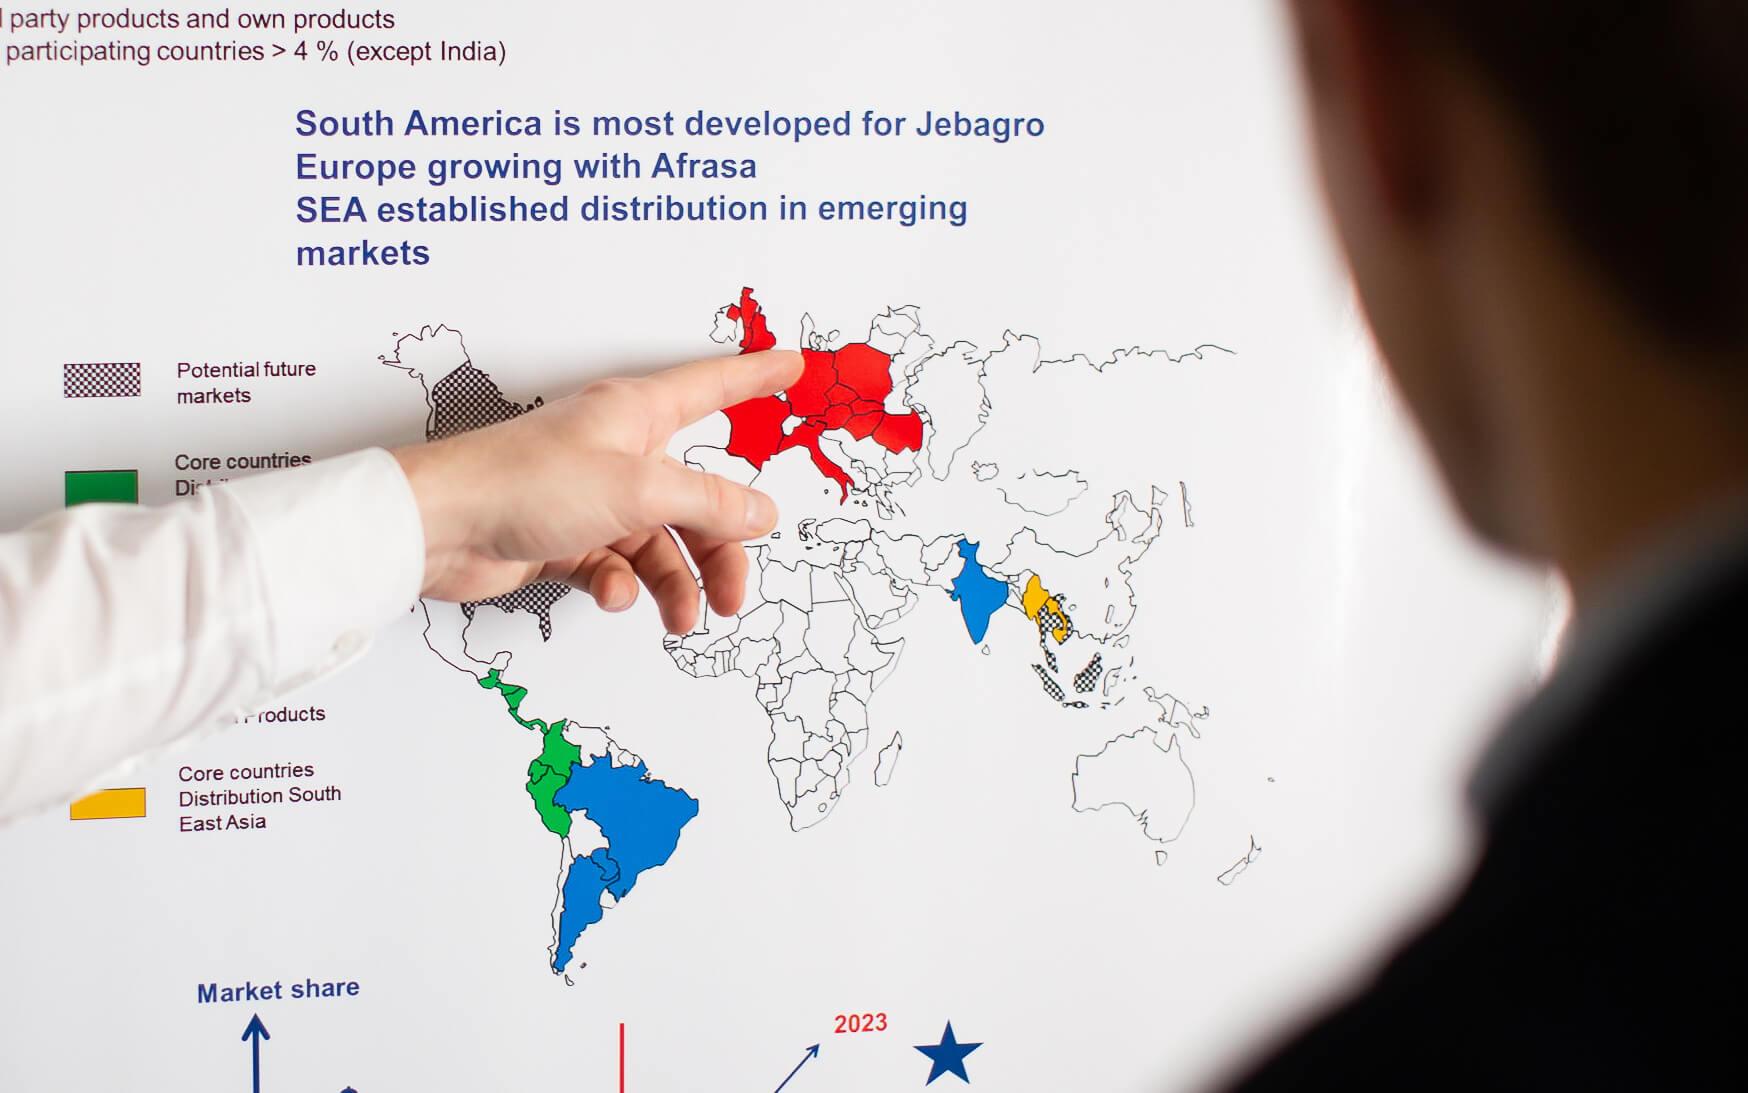 Lebensmittelzusatzstoffe Hersteller Unternehmen, Weltkarte